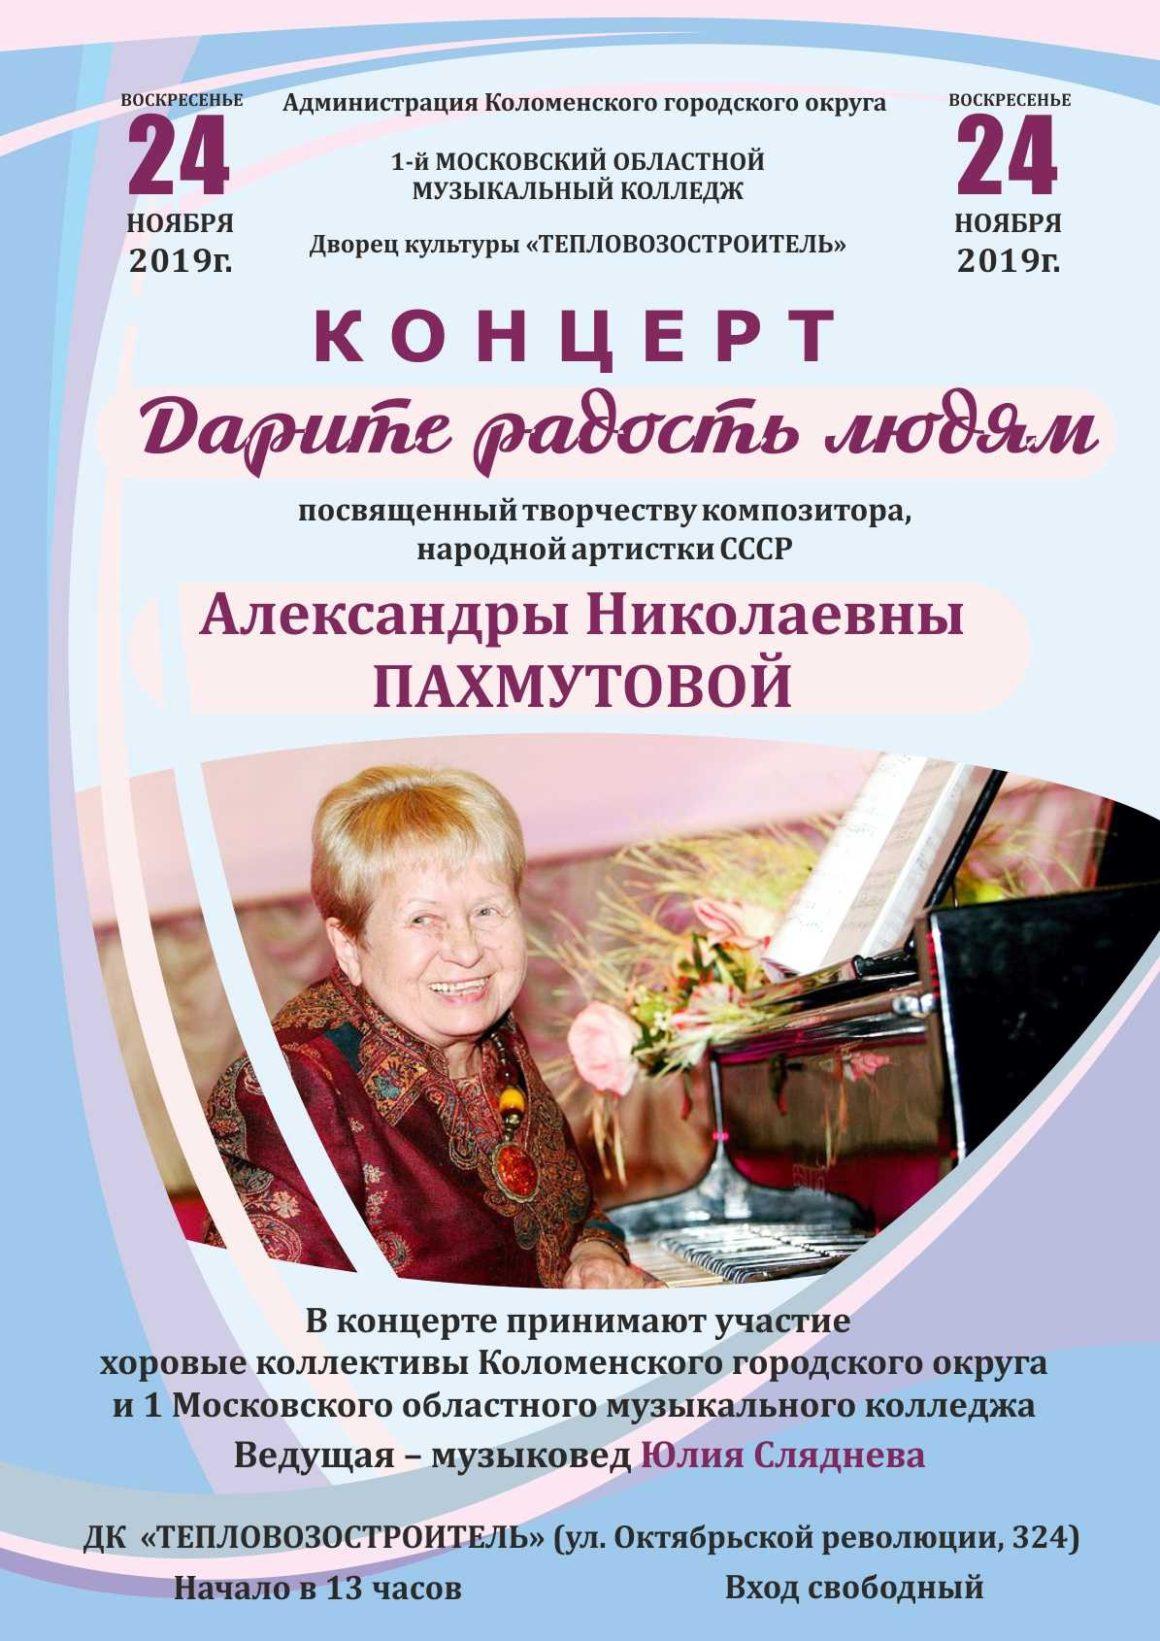 24 ноября 2019 года в ДК «Тепловозостроитель» состоится концерт «Дарите радость людям».